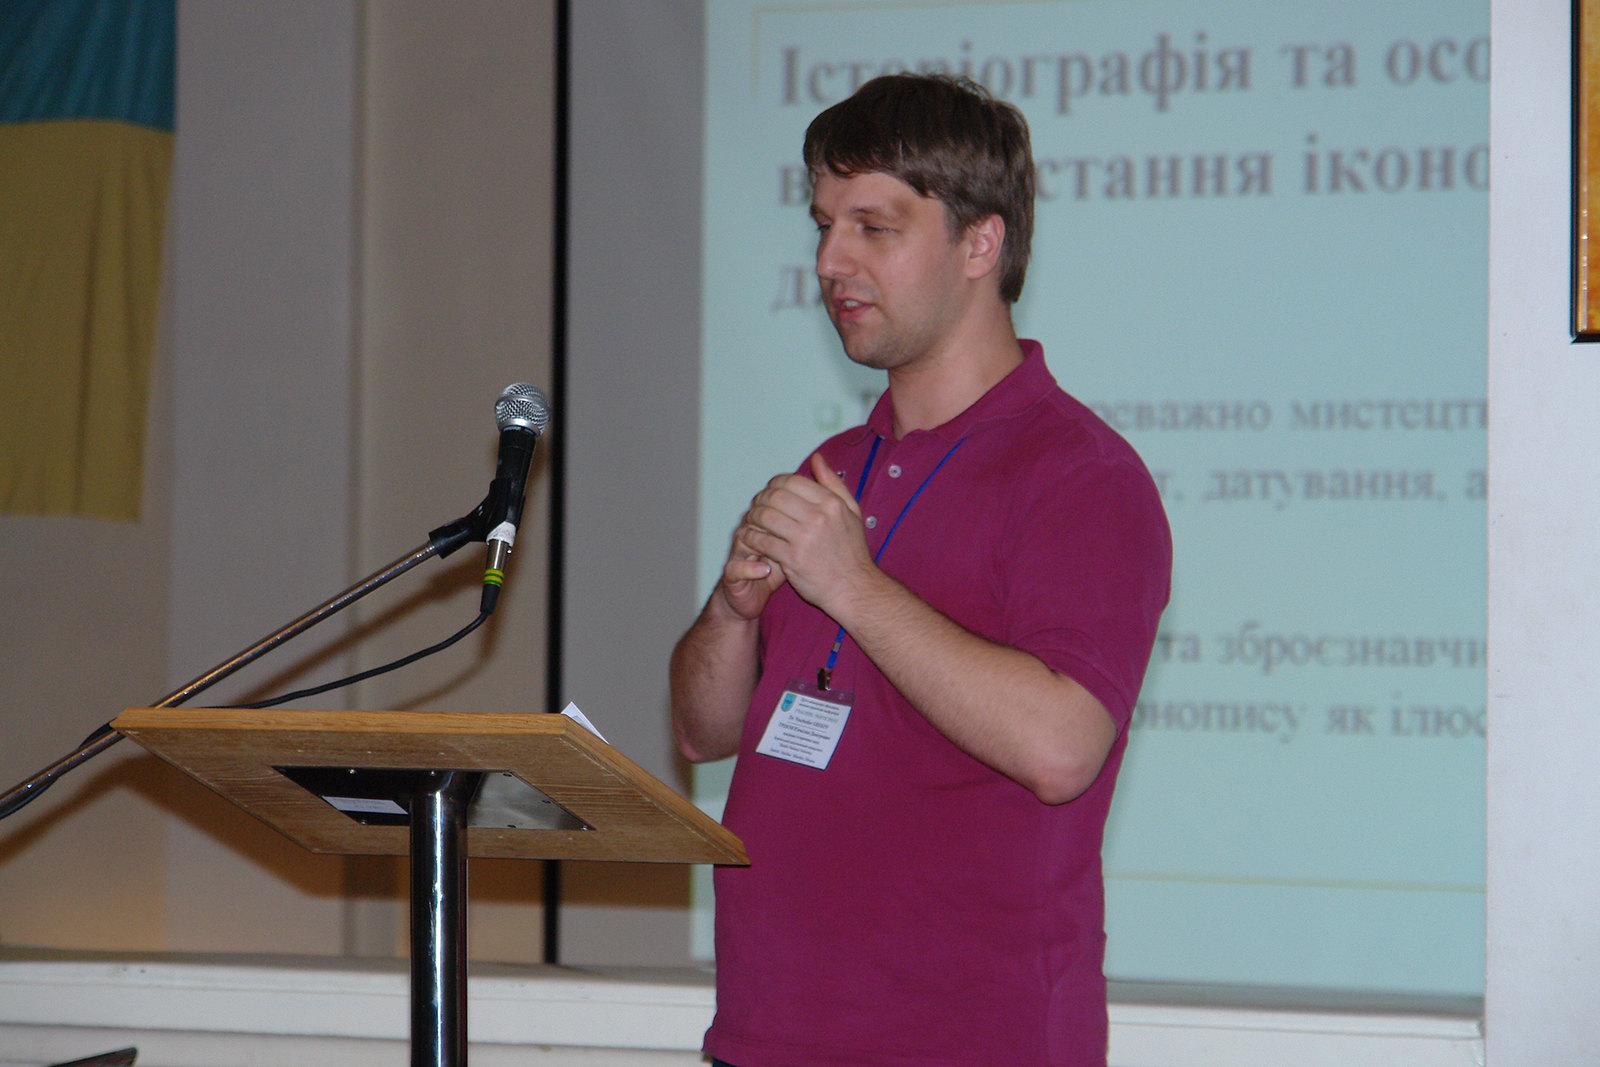 Доповідає В'ячеслав Греков (Харків, Україна): До питання використання давньоруського іконопису як джерела з історії комплексу озброєння.